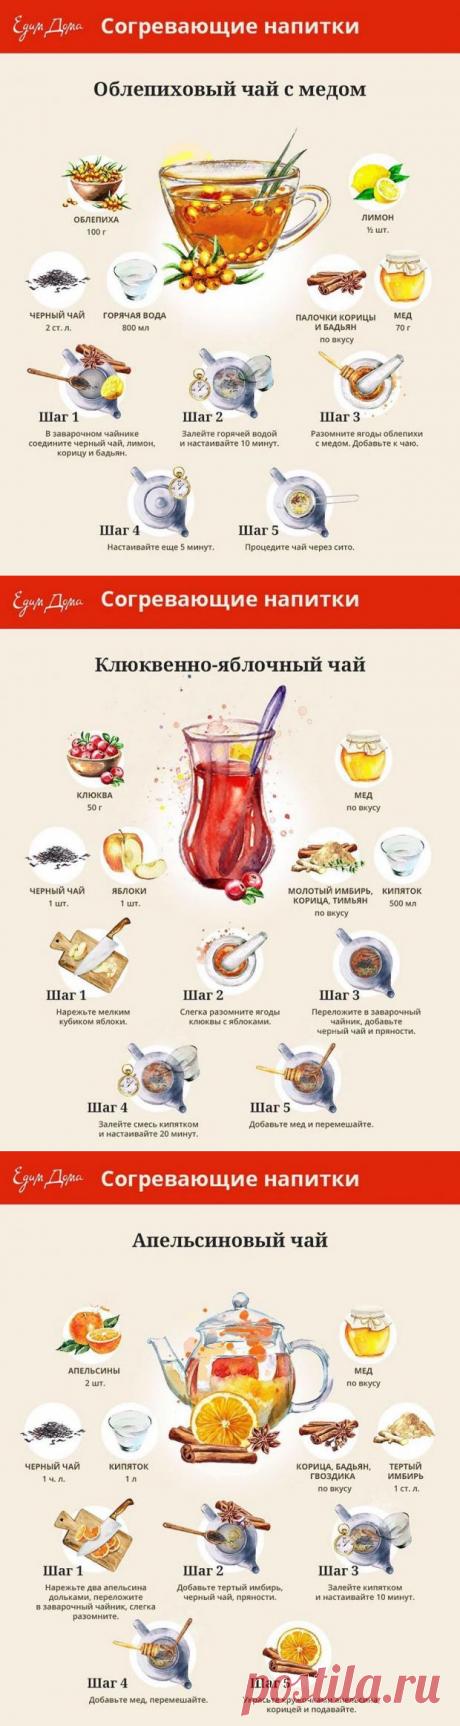 Согревающие напитки: что советует пить зимними вечерами Юлия Высоцкая - Здоровье на Joinfo.ua